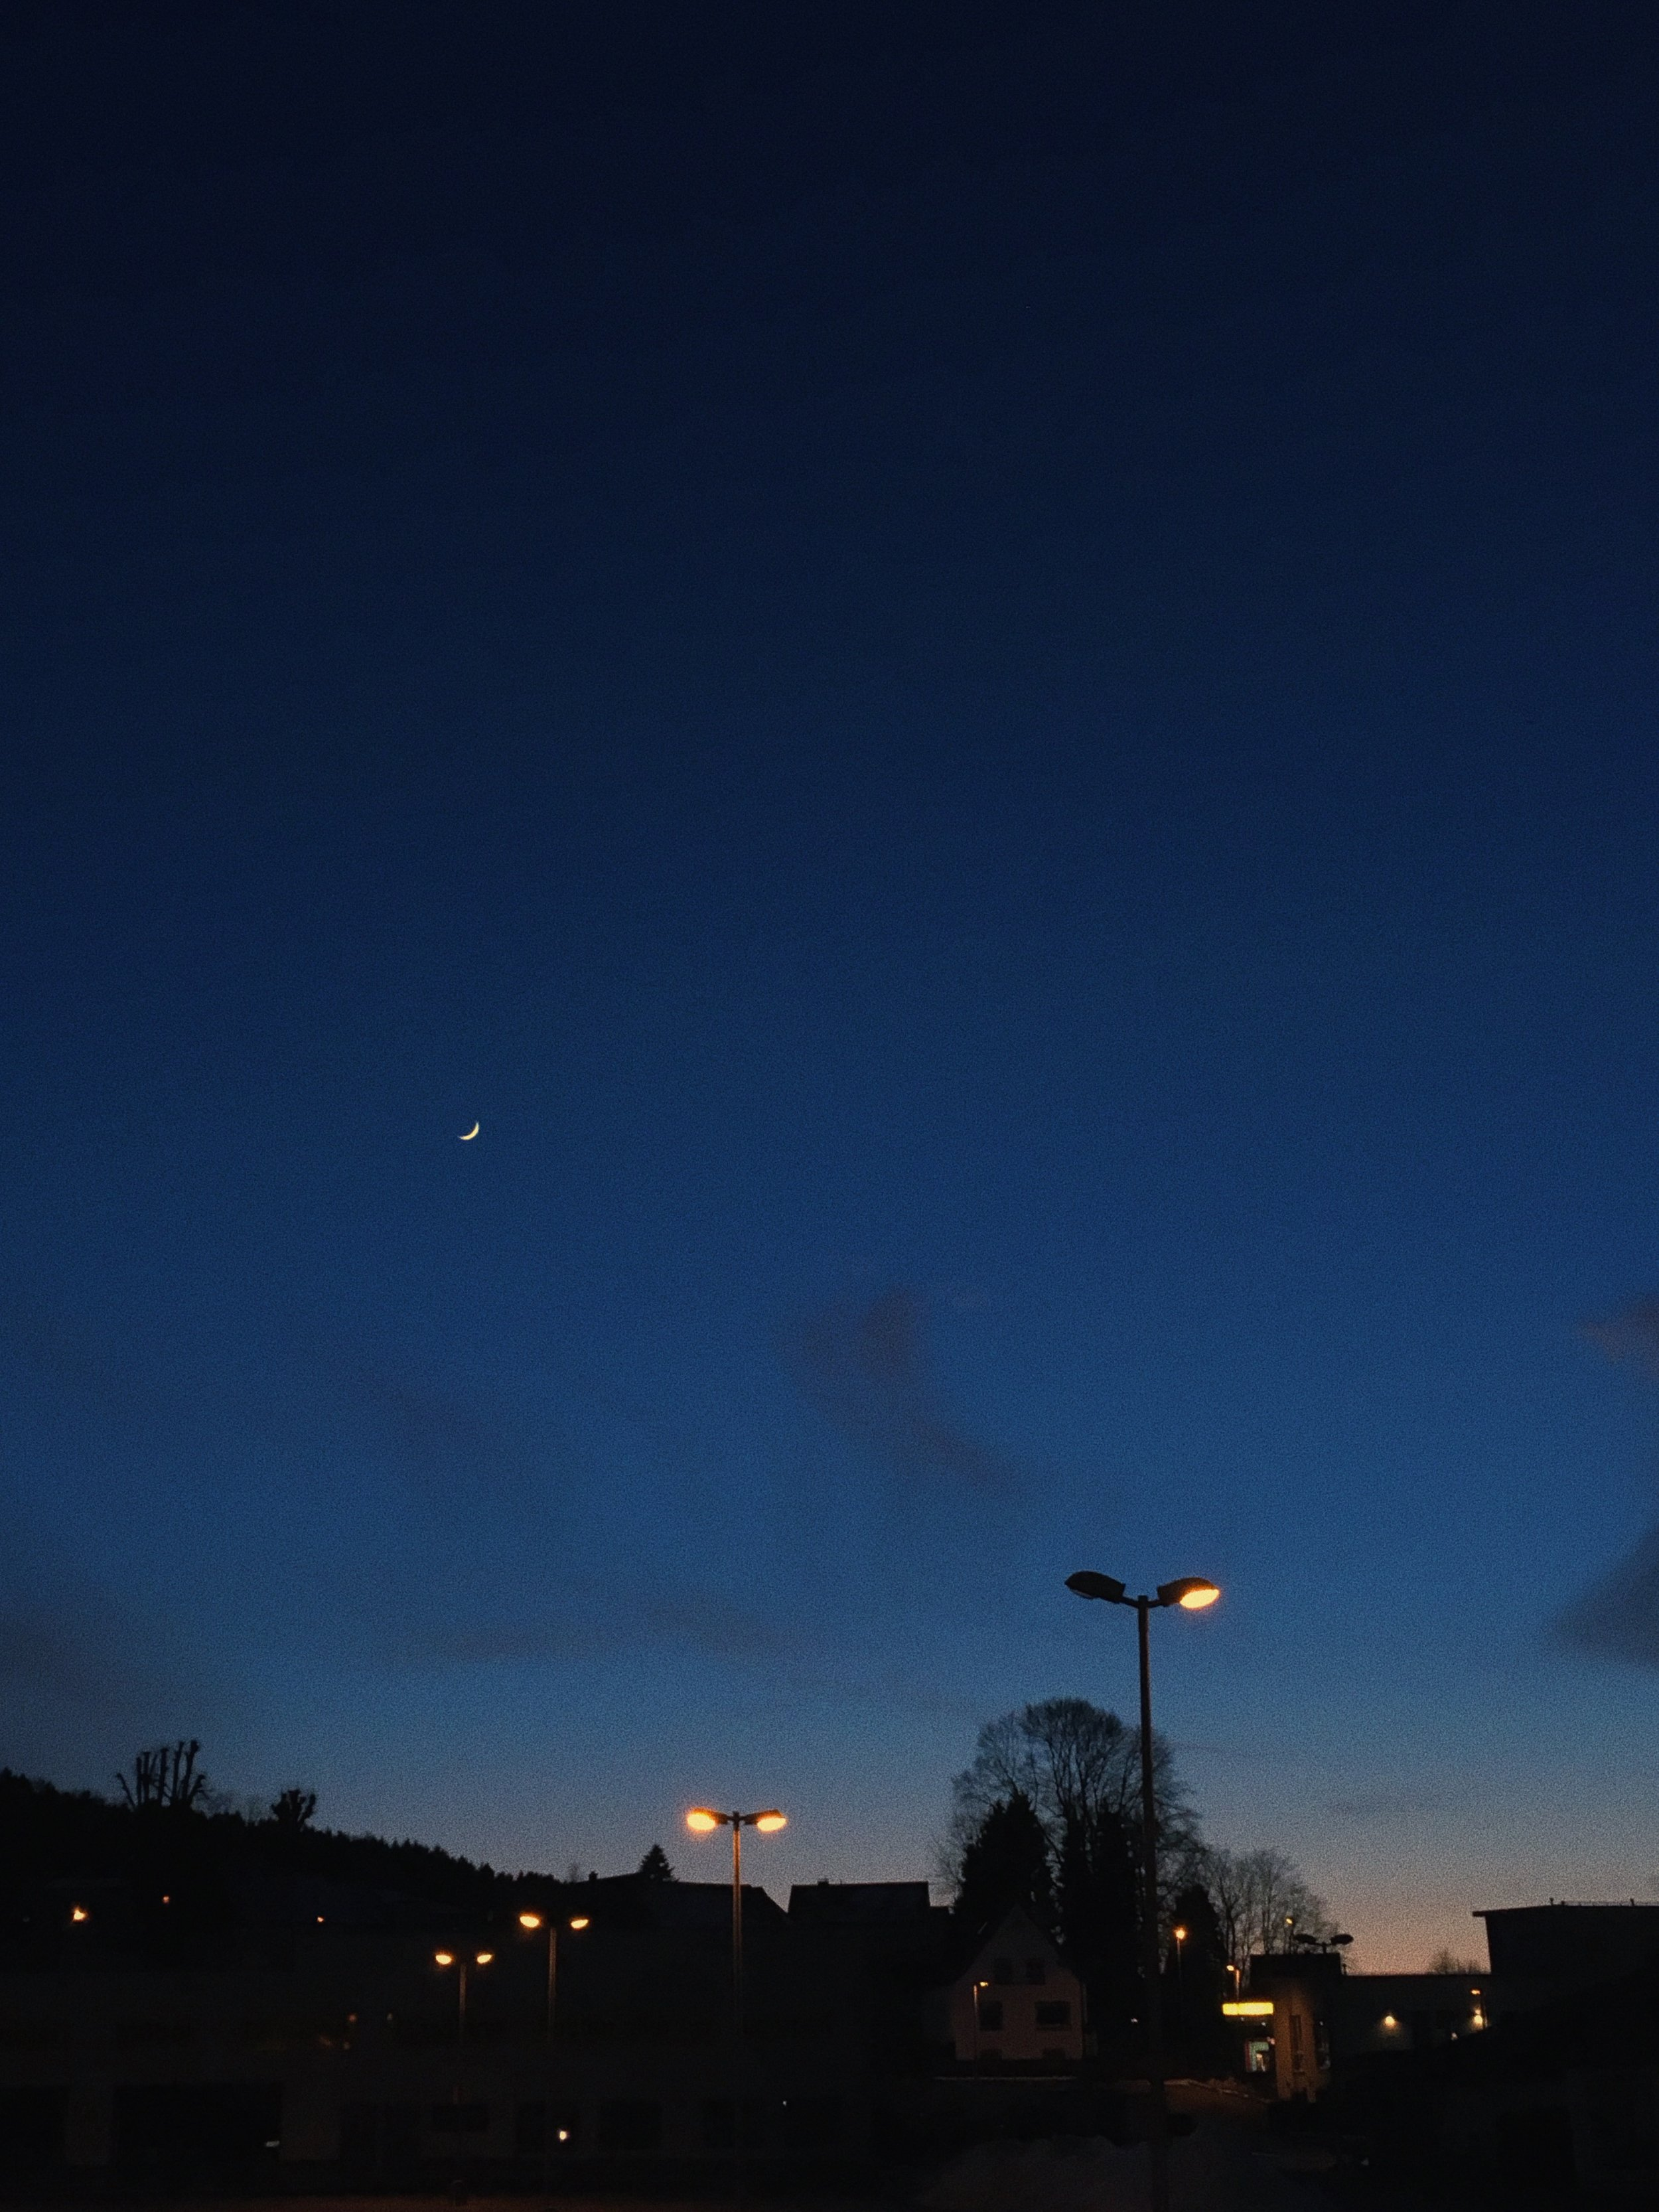 sunset-blue-hour-max-mesch-kierspe.JPG